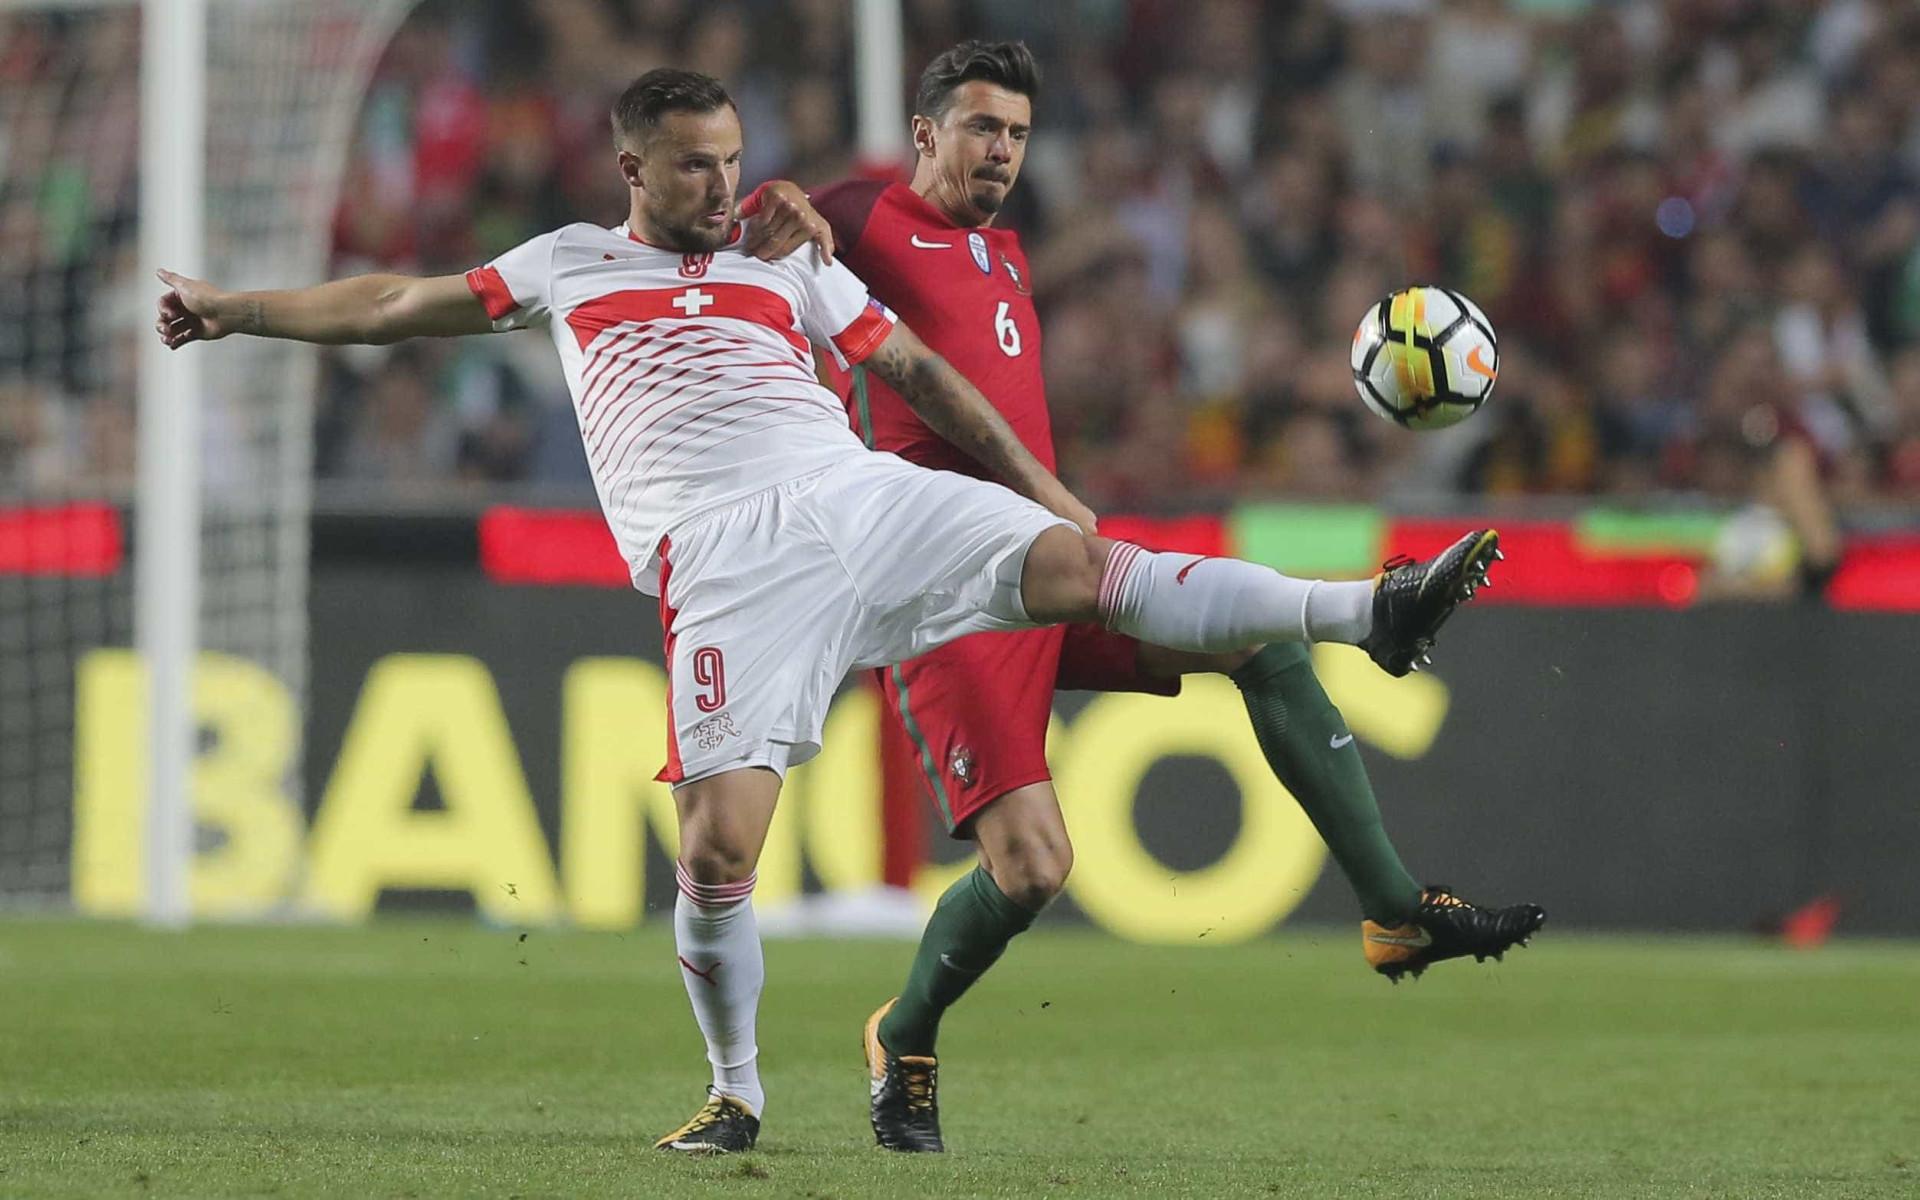 Suíça garante lugar no Mundial e Seferovic acaba envolvido em polémica